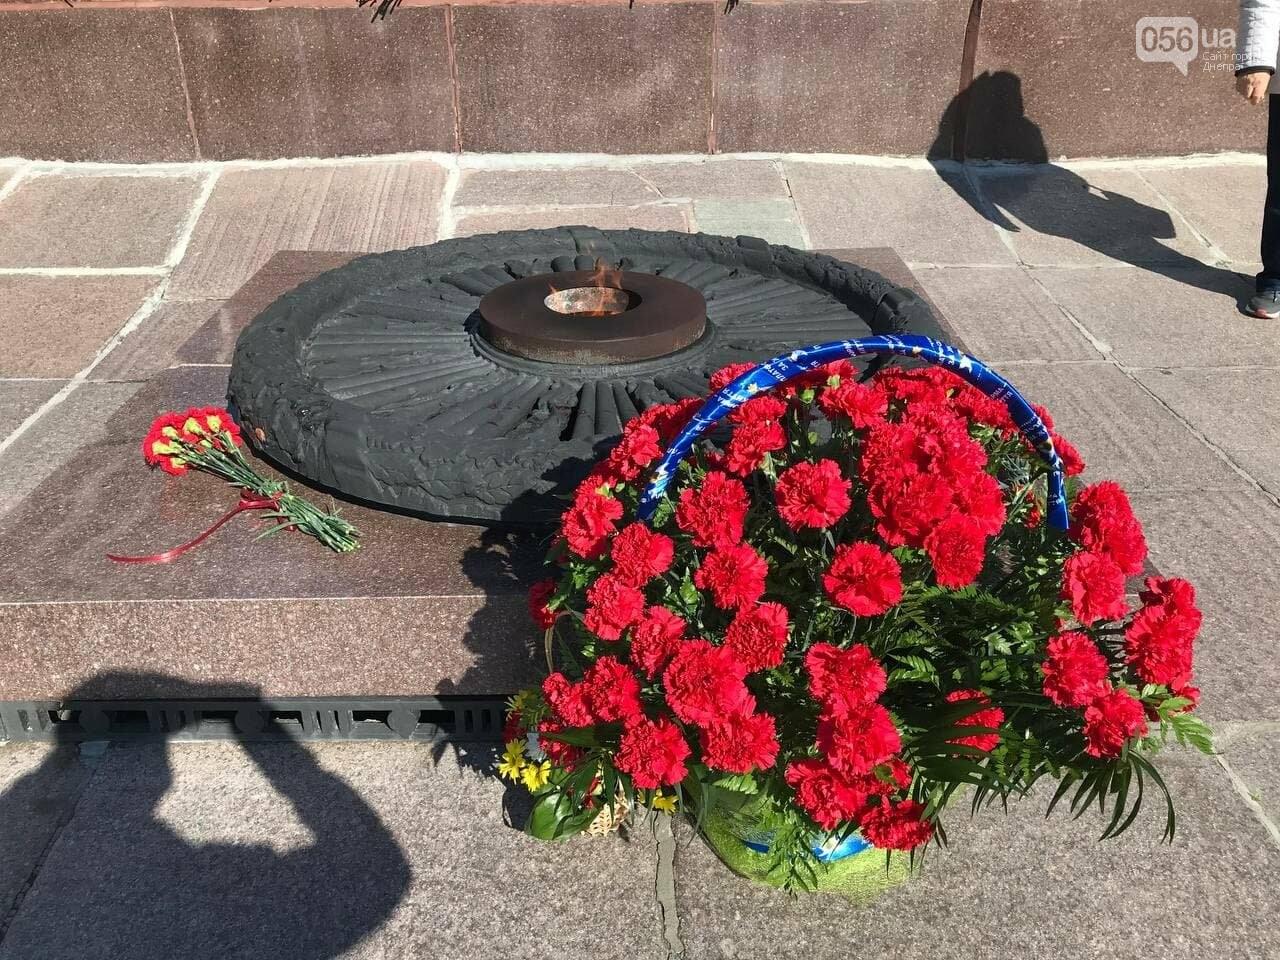 Именные значки и дети в советской форме: в Днепре Вилкул снова превратил праздник в пиар, фото-7